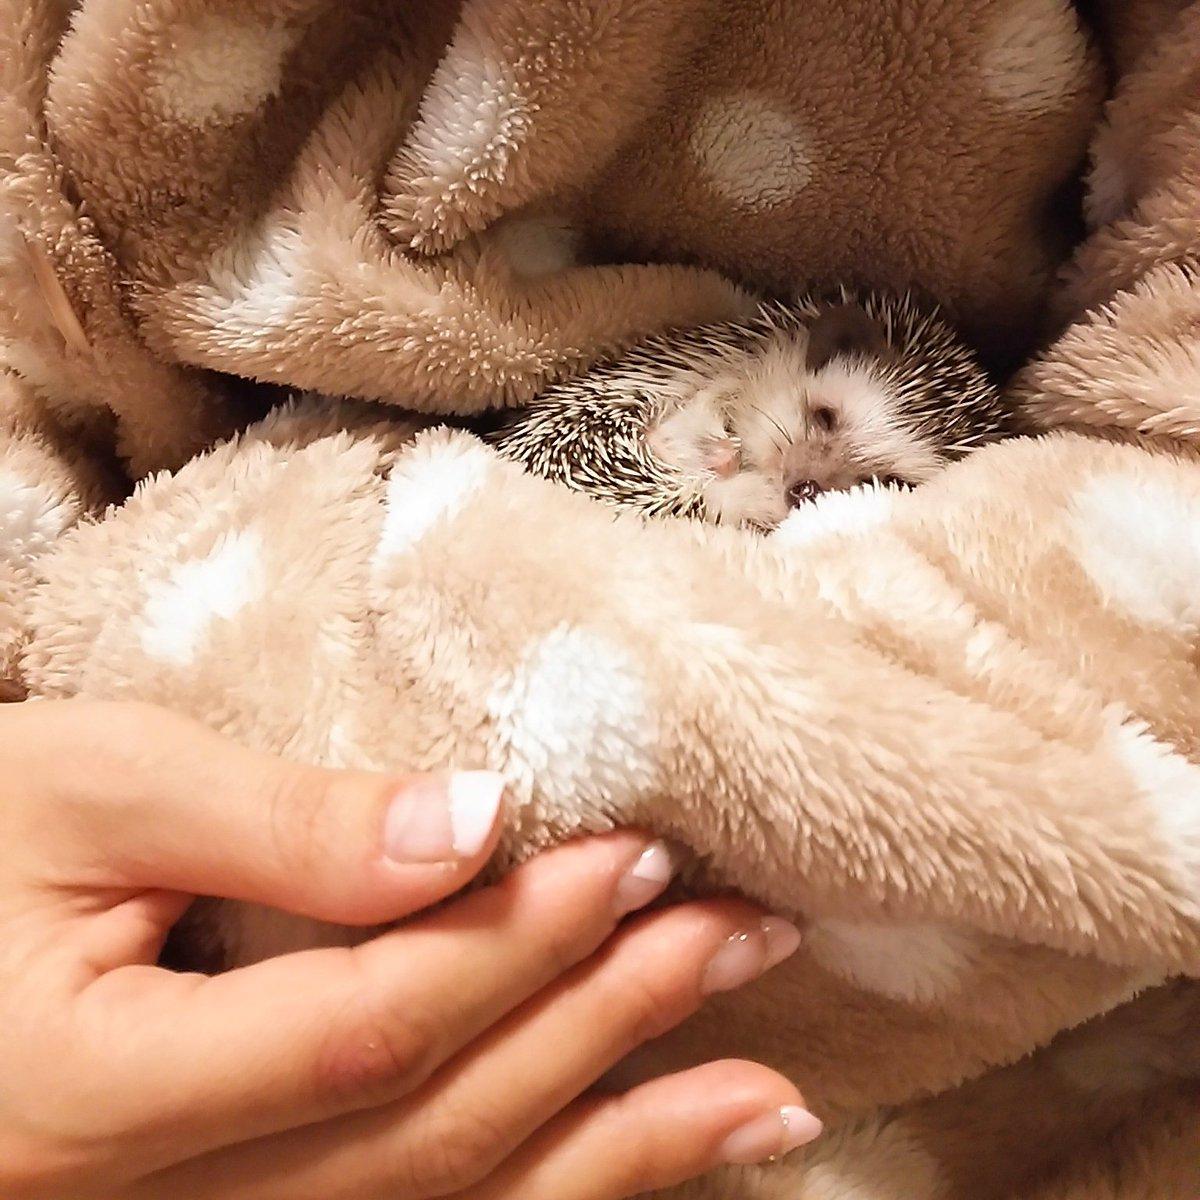 お気に入りの温かい場所。おやすみなさい…。 instagram.com/p/BA7U1zQlRSI/ pic.twitter.com/2TyKppXKua